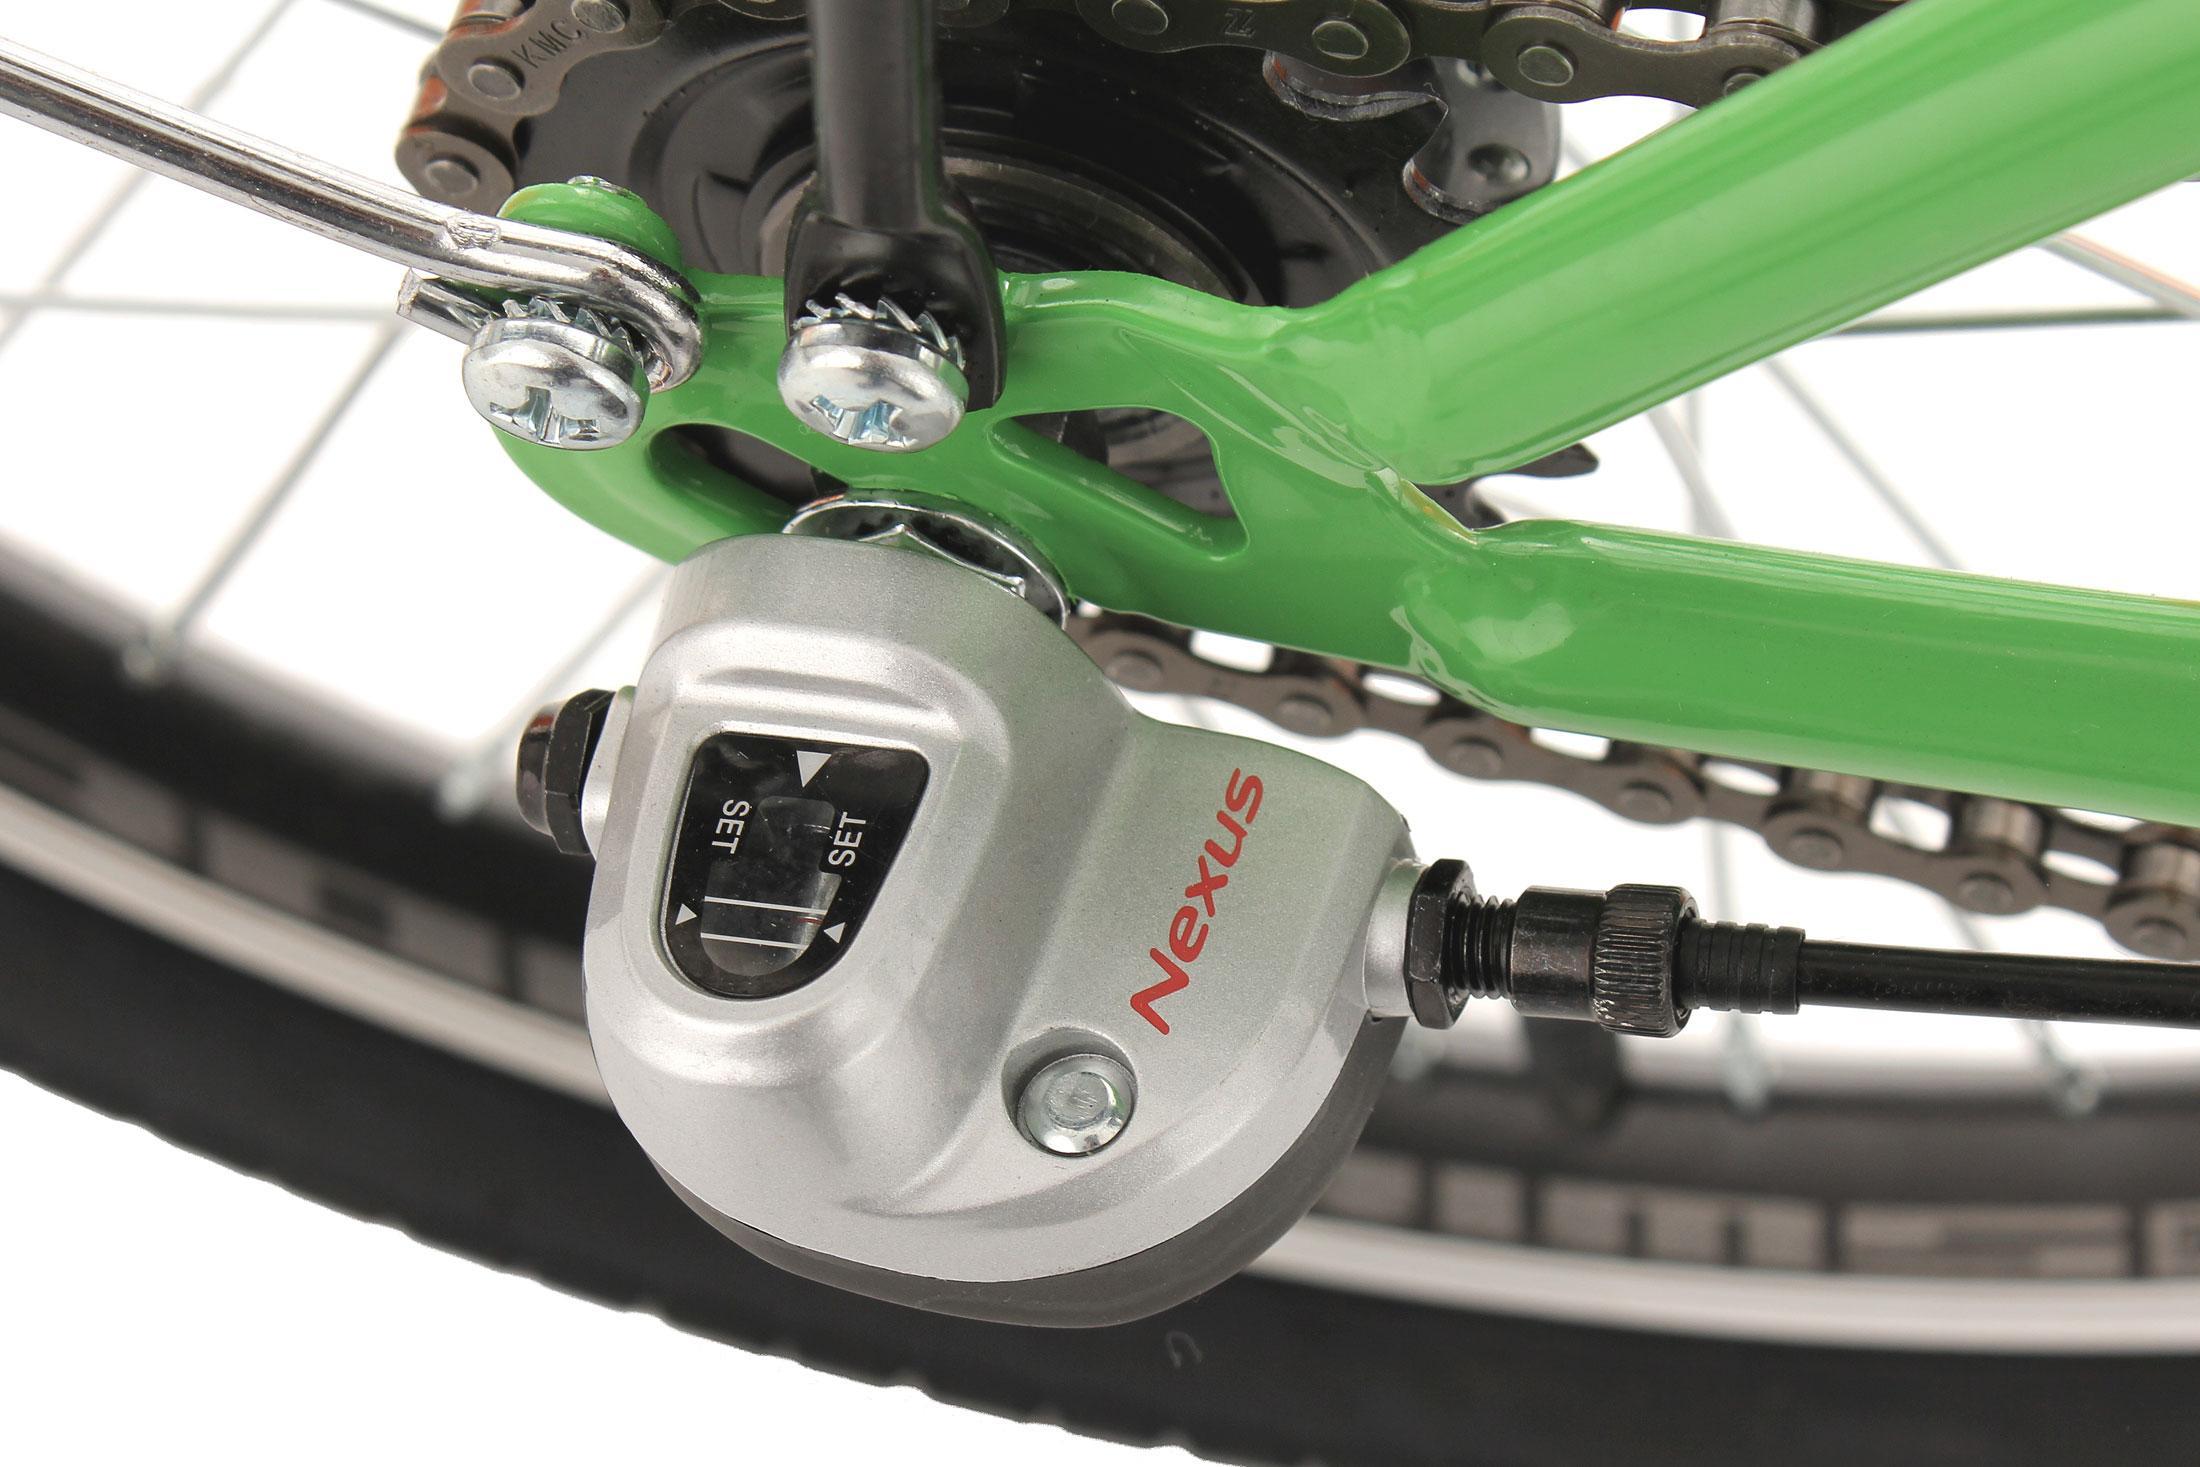 KS Cycling Klapprad 20'' FX300 grün 3 Gänge RH 30 cm